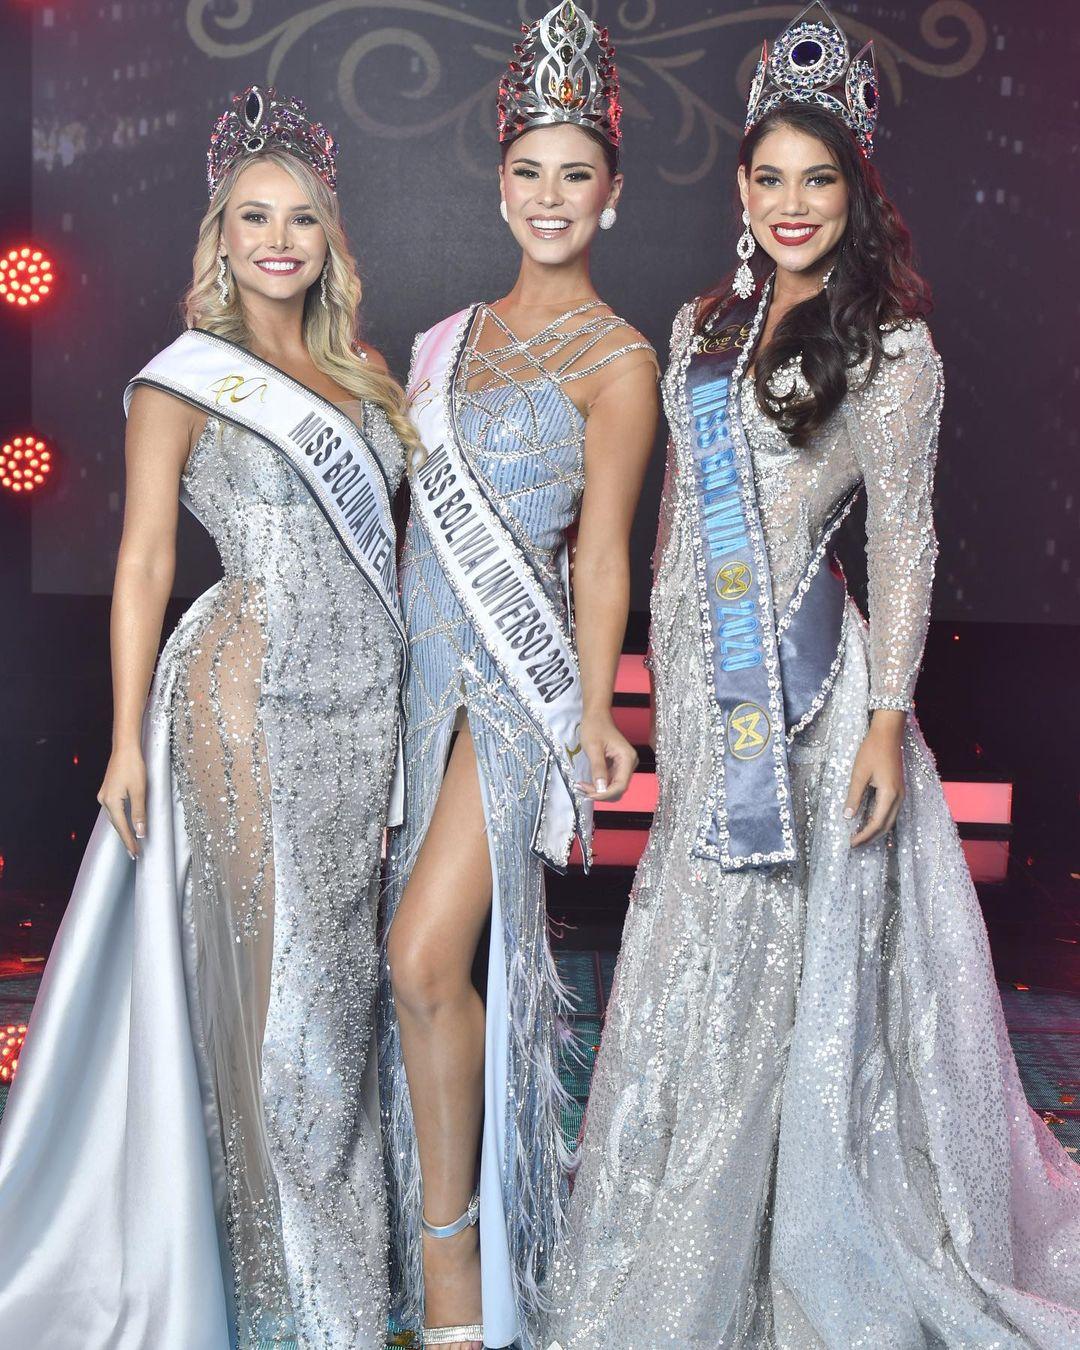 miss la paz vence miss bolivia 2020. 9zmawnbf